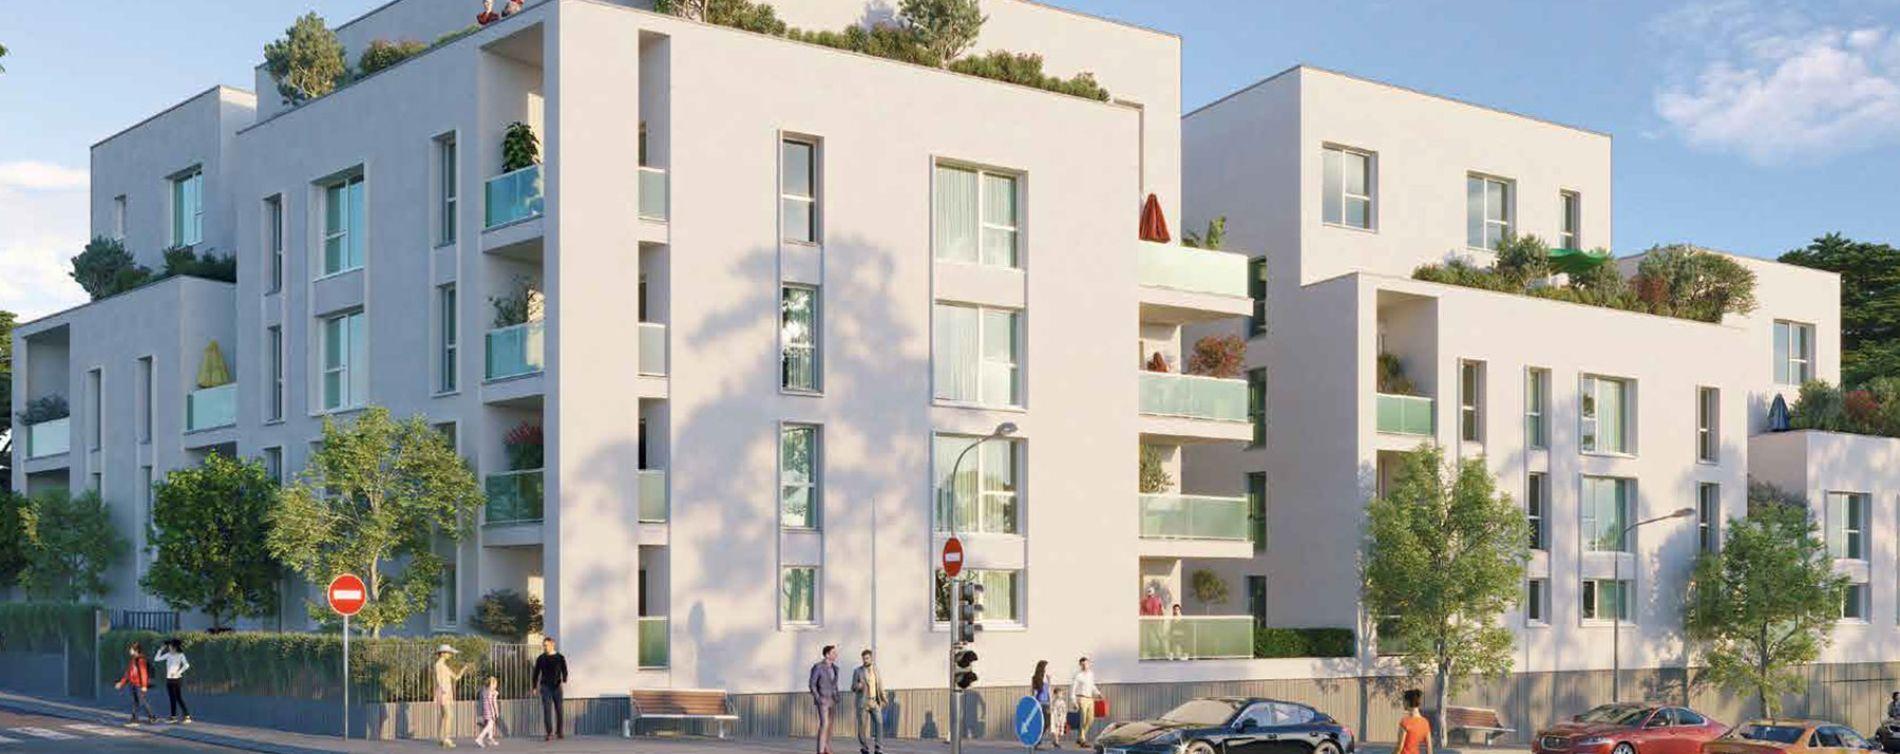 Résidence Villa Sienna à Villefranche-sur-Saône